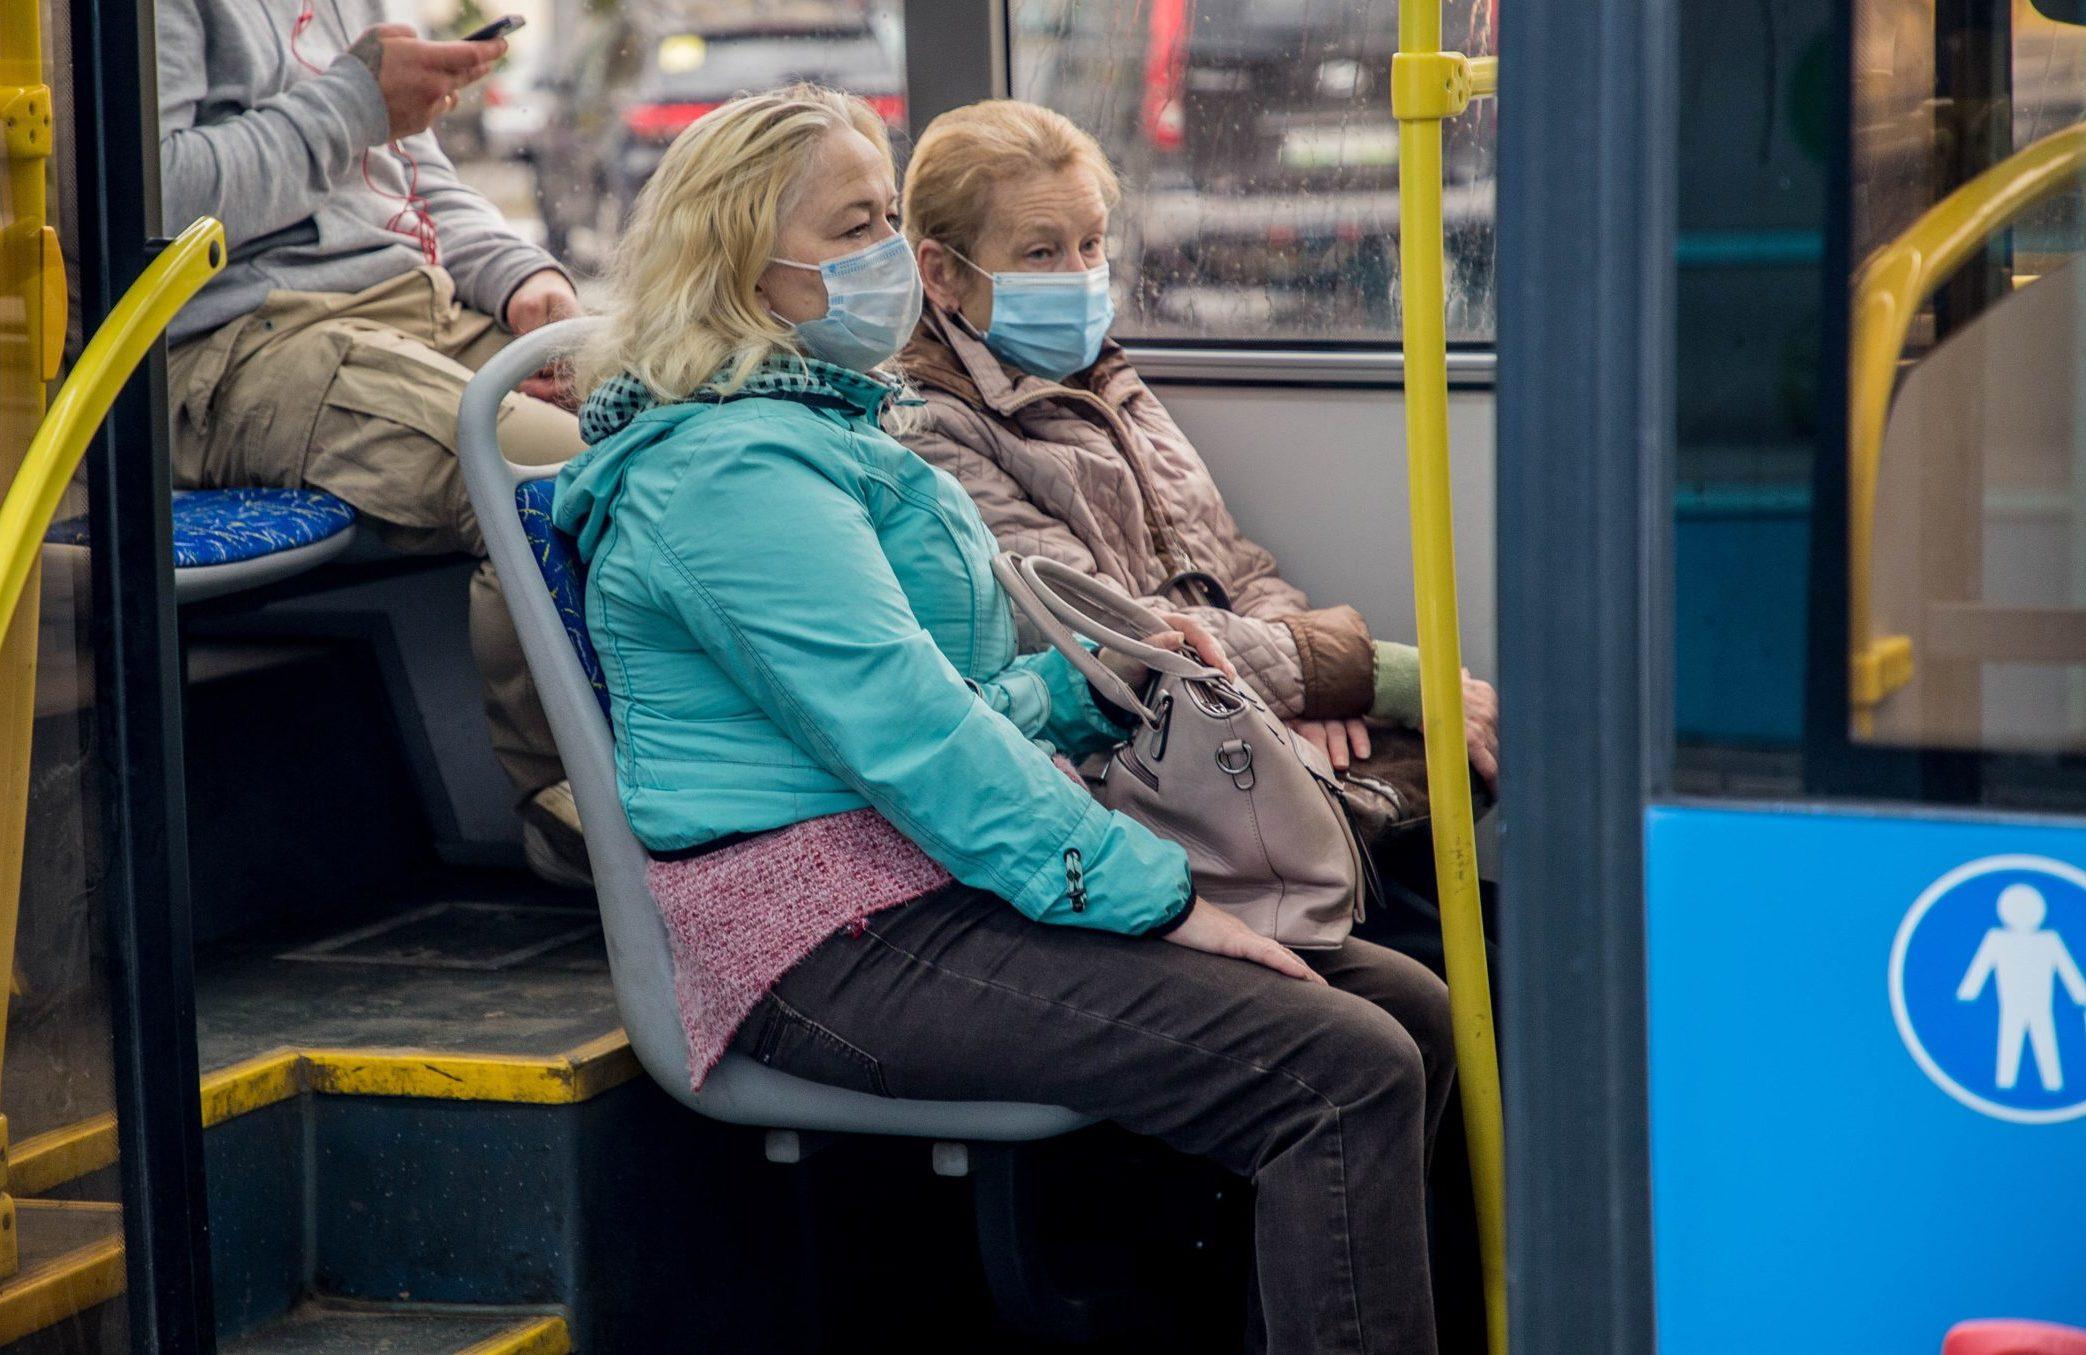 В общественном транспорте Твери пассажирам раздали порядка 15 тысяч бесплатных защитных масок